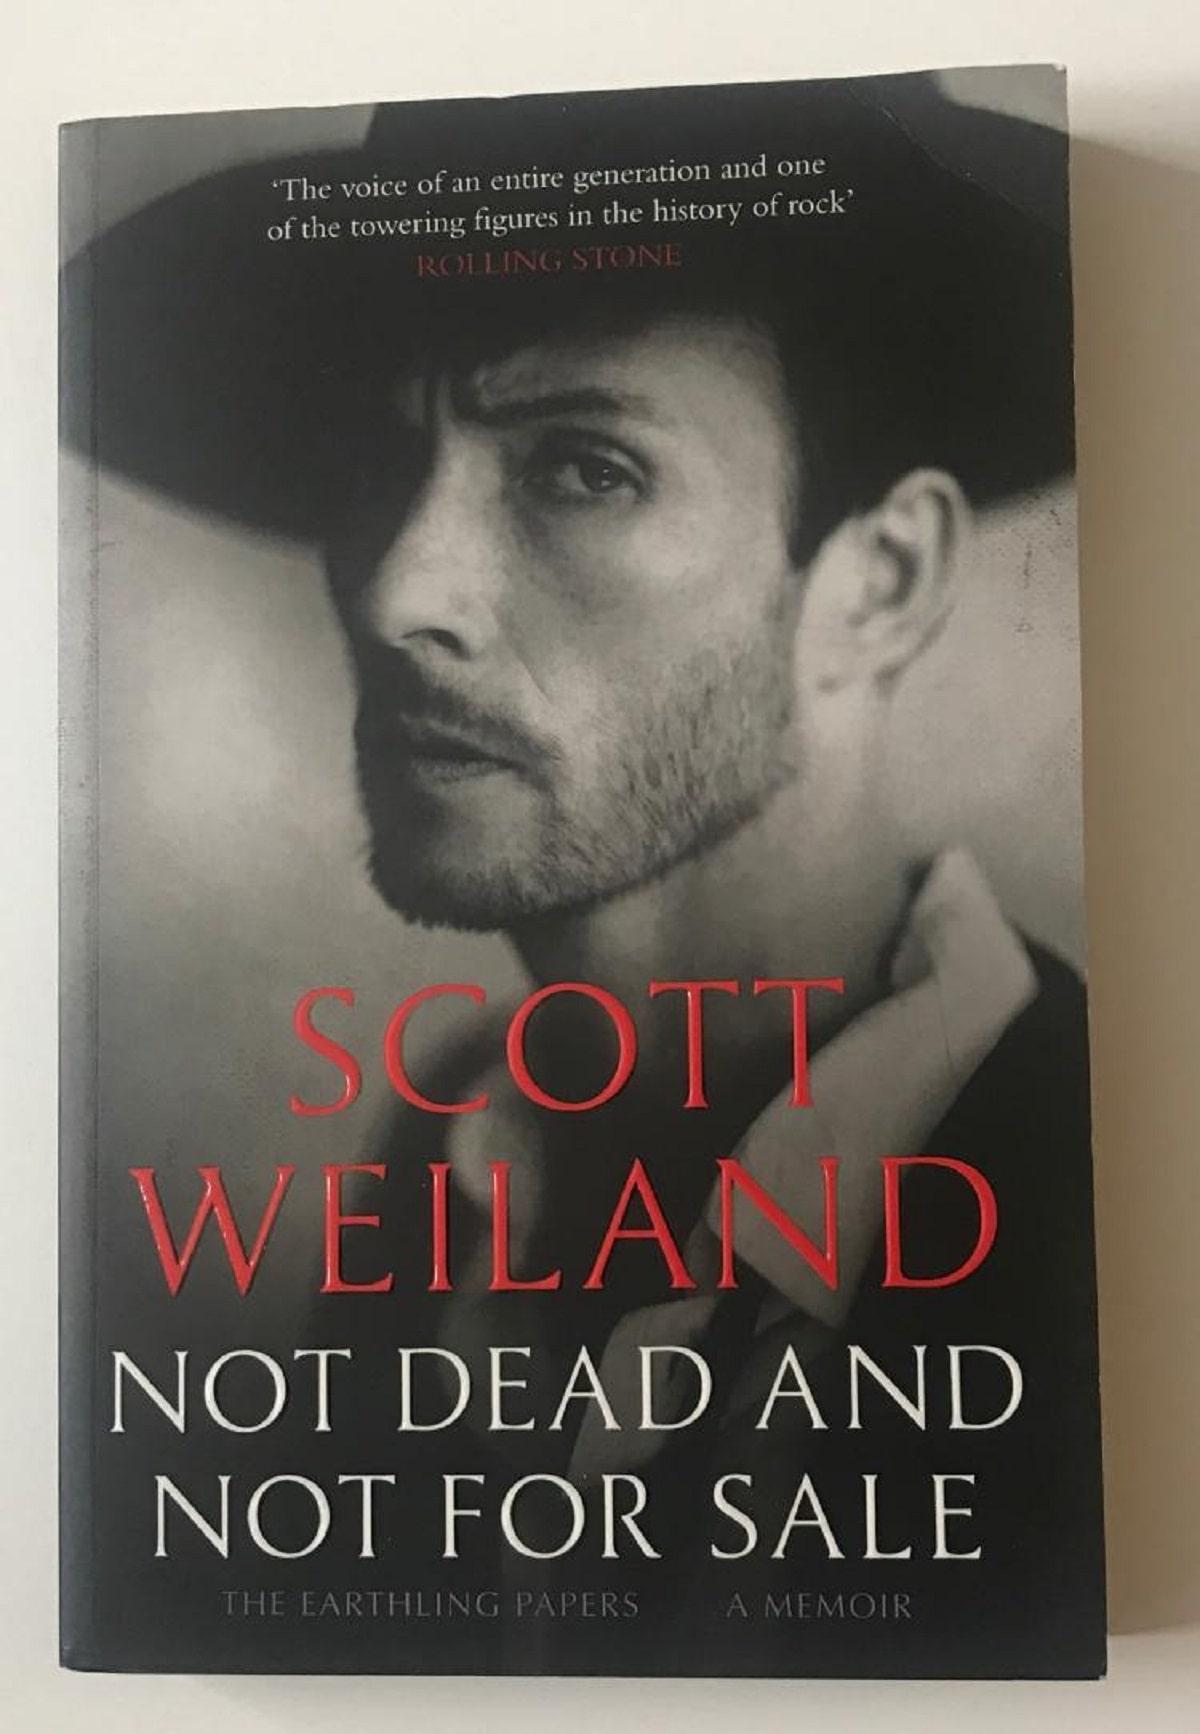 Las memorias de Scott Weiland.